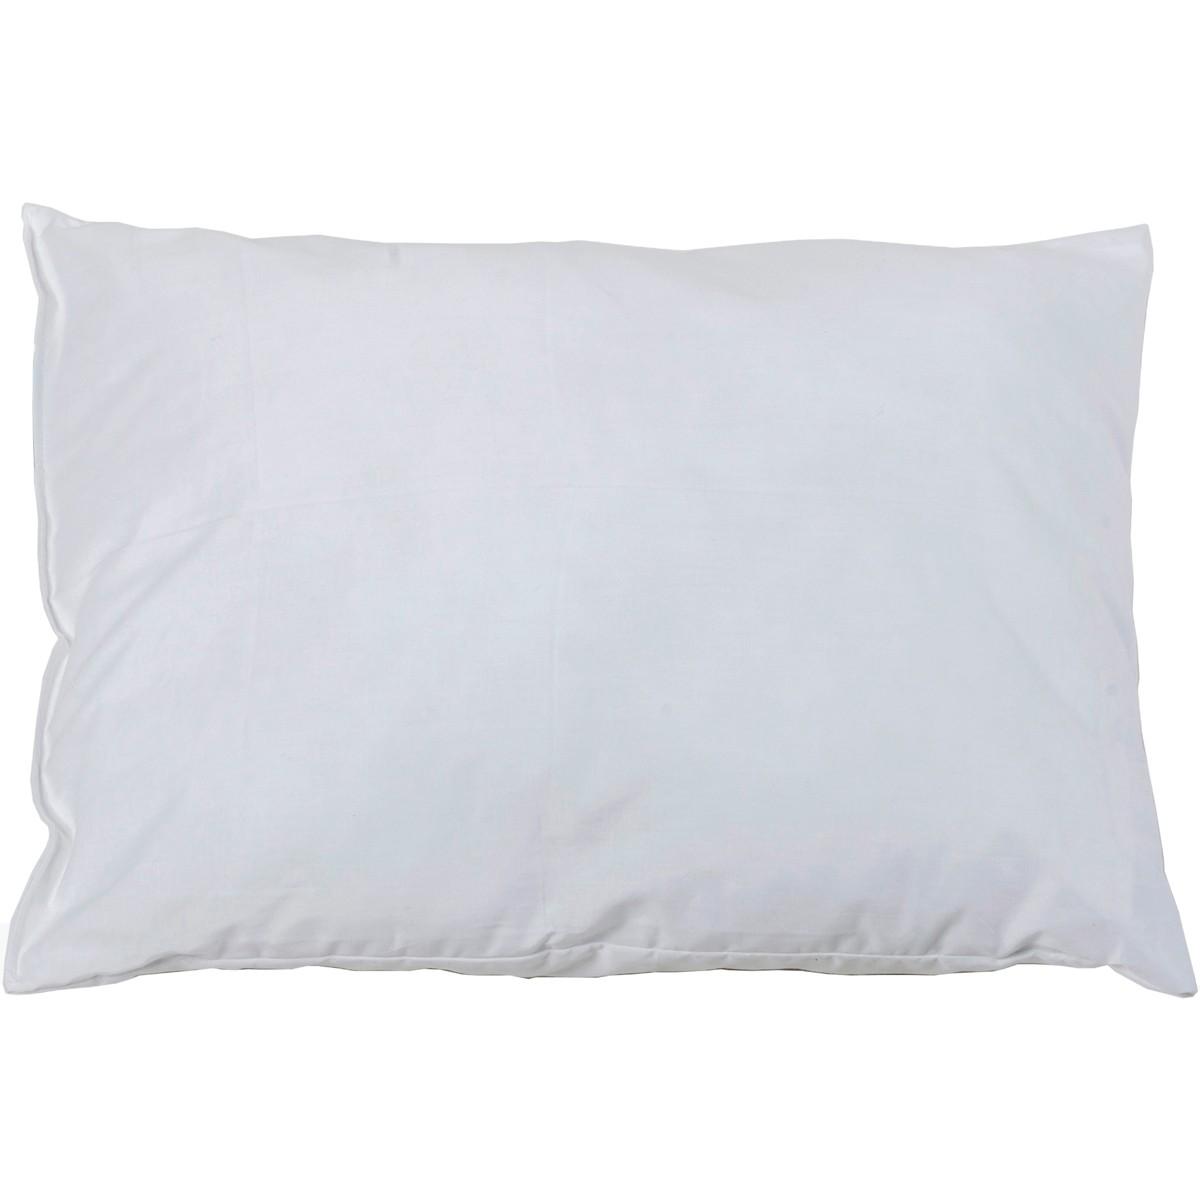 Βρεφικό Μαξιλάρι Κόσμος Του Μωρού 0645 home   βρεφικά   μαξιλάρια   επιστρώματα